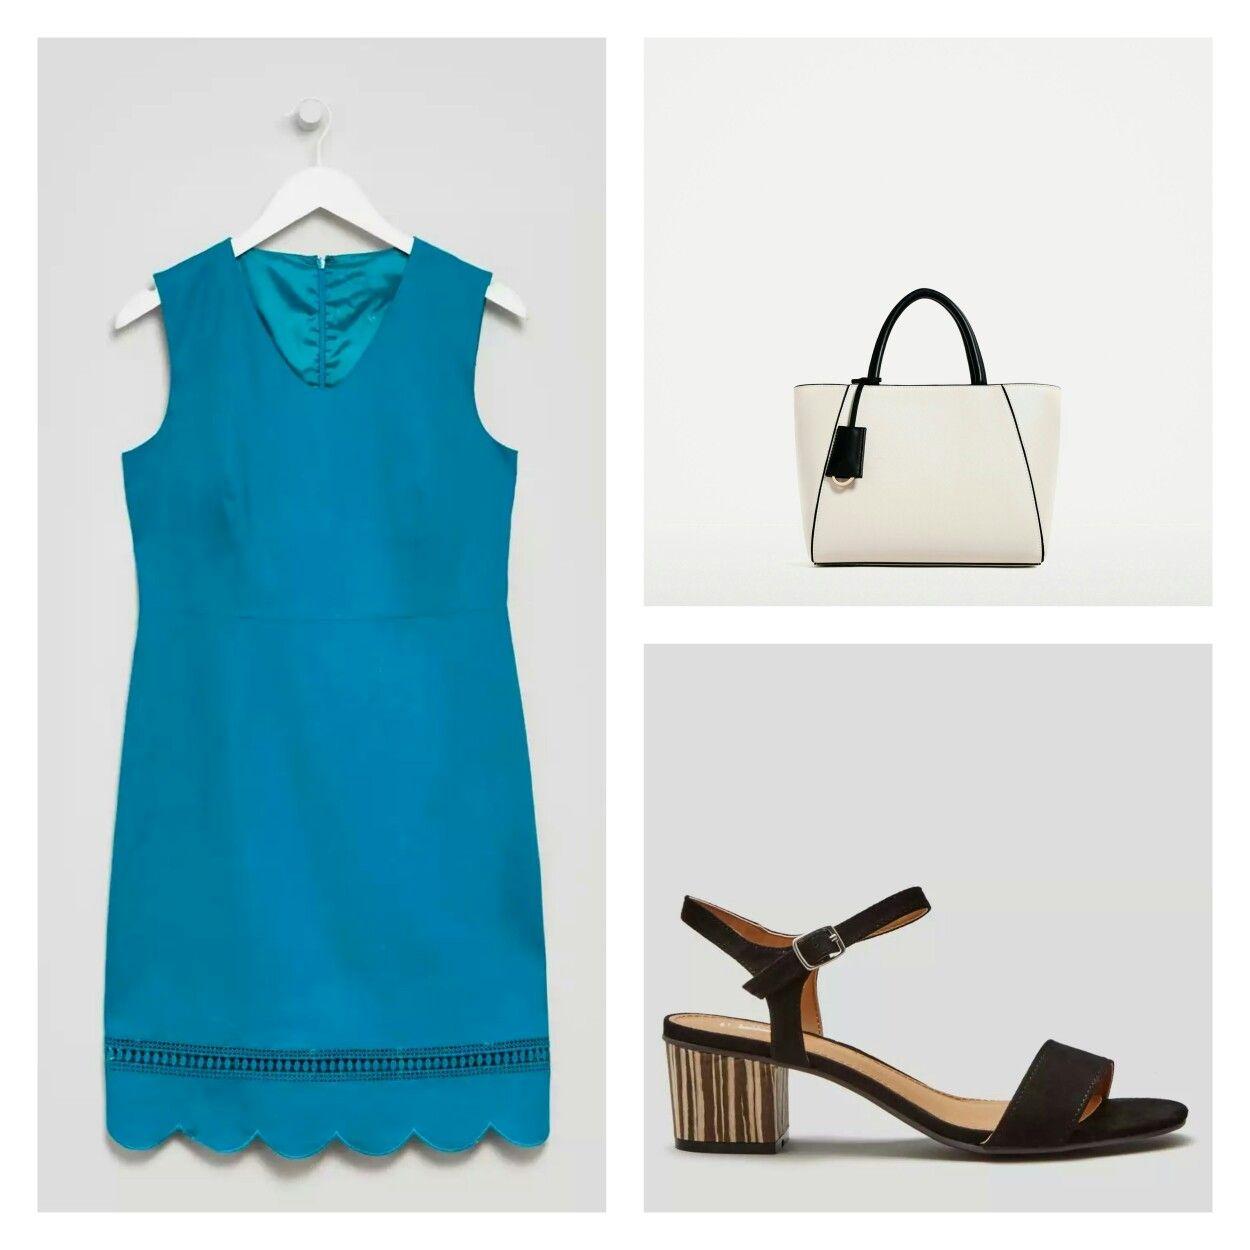 Dress Matalan, Sandals Matalan, Bag Zara | clothes | Pinterest ...